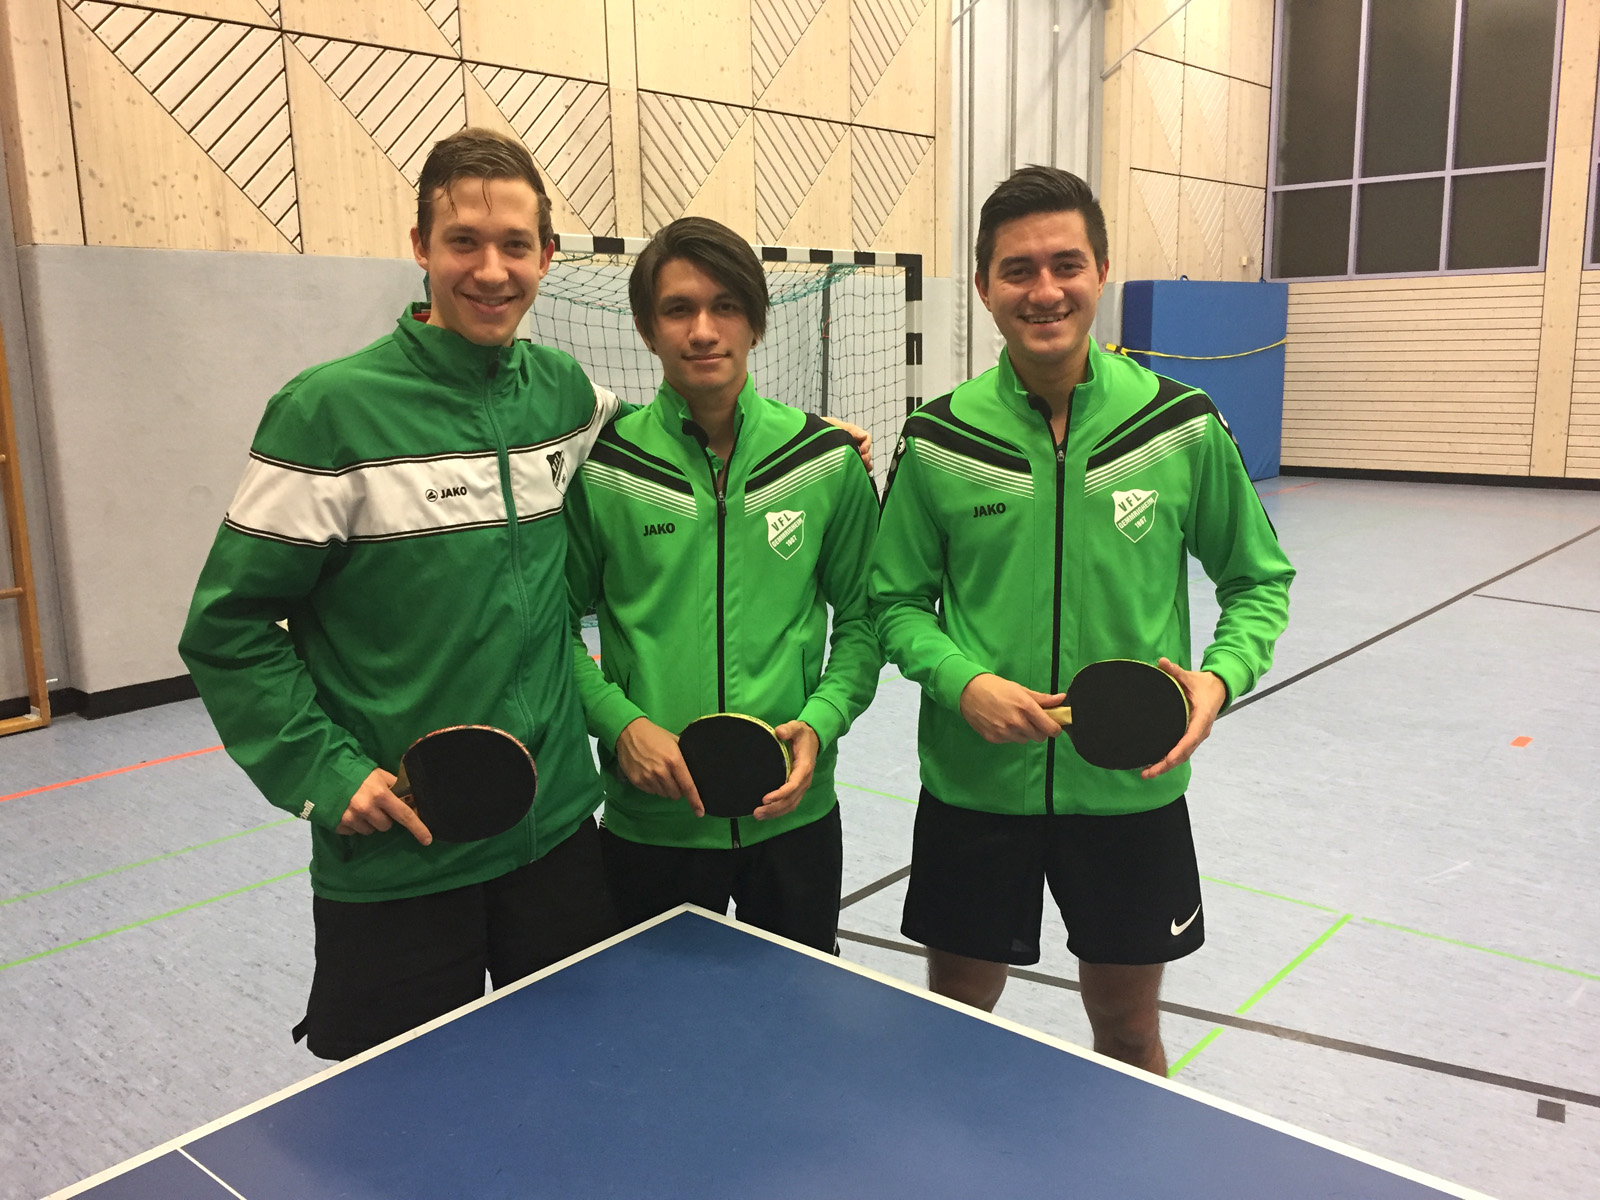 Tischtennis-Team des VfL zieht ins Halbfinale ein